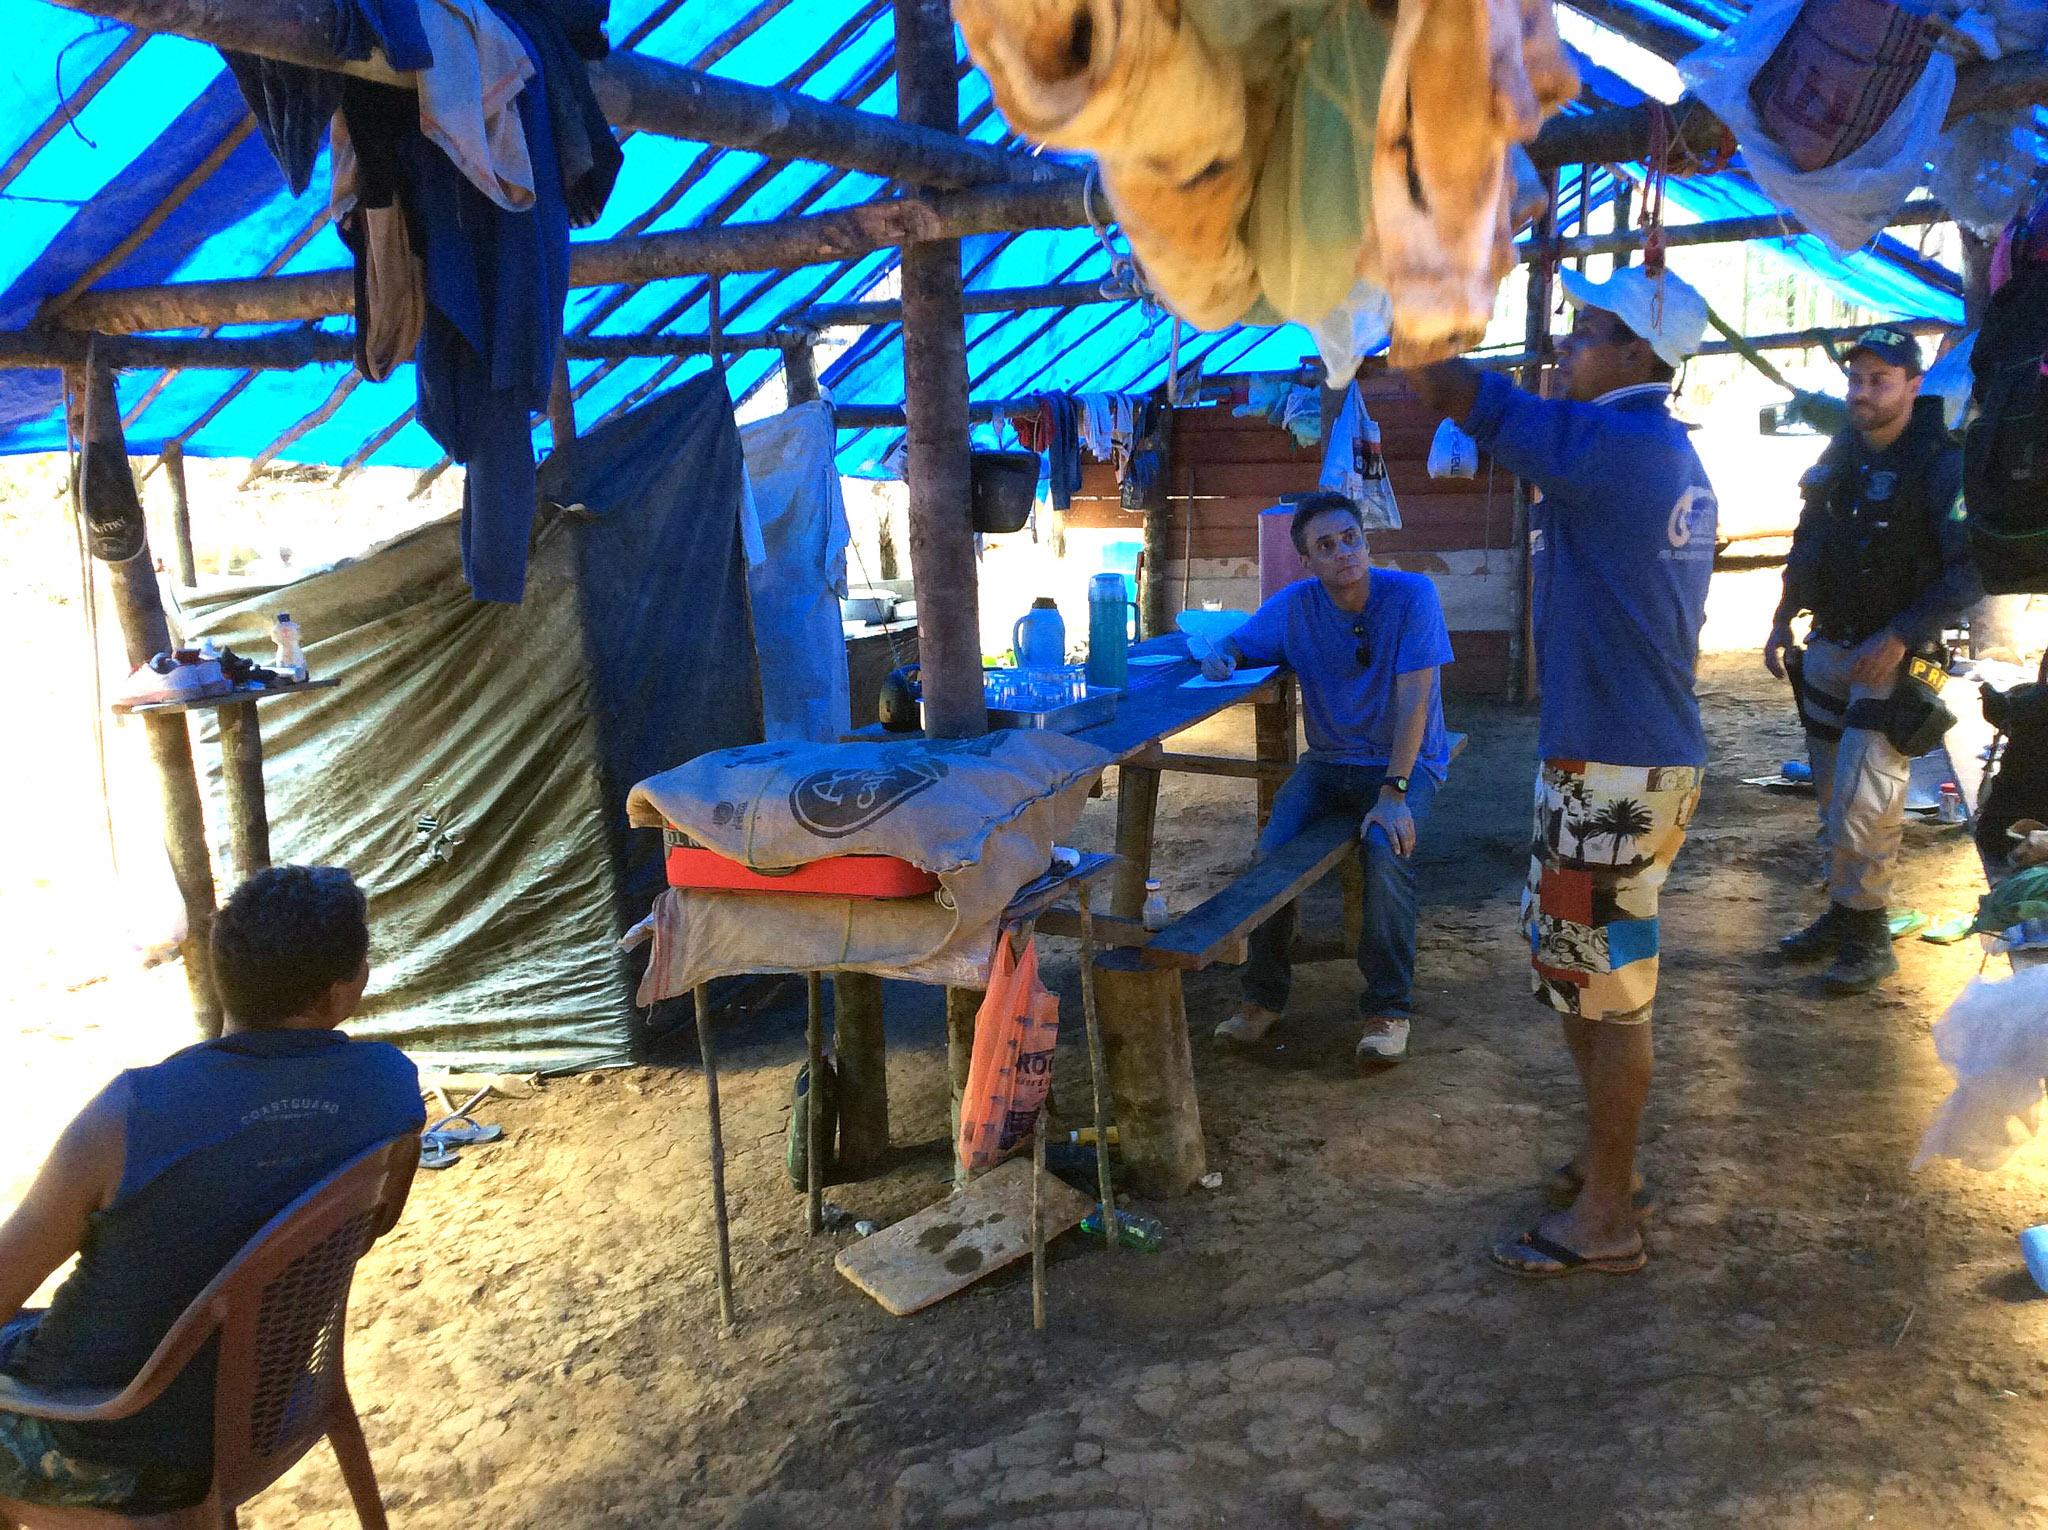 Cooperativa de garimpeiros no Amapá era fachada de organização criminosa, diz MPF